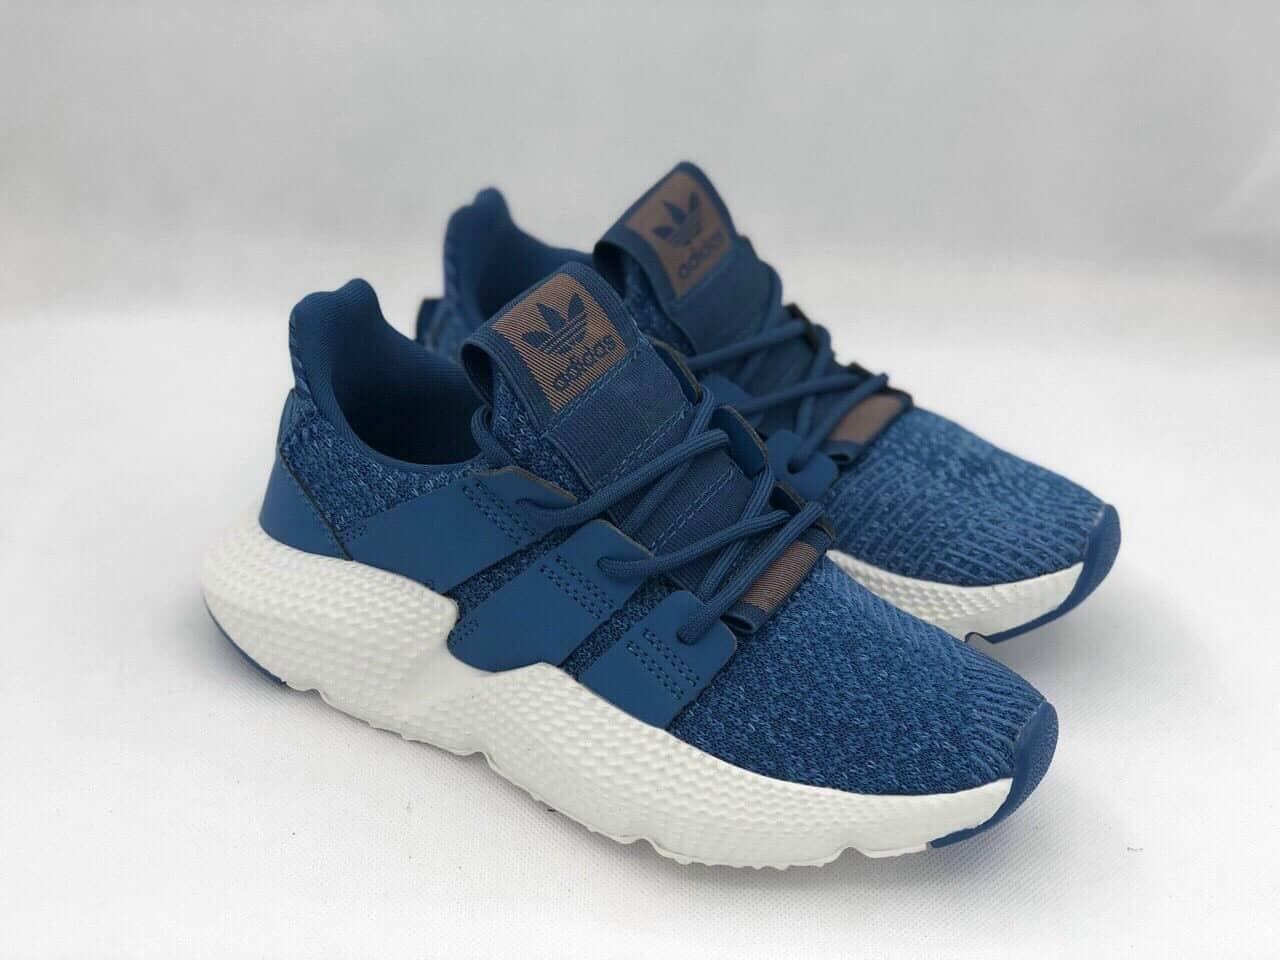 Giày Prophere Xanh rep 1:1 luôn nằm trong top bán chạy bởi vẻ ngoài ấn tượng